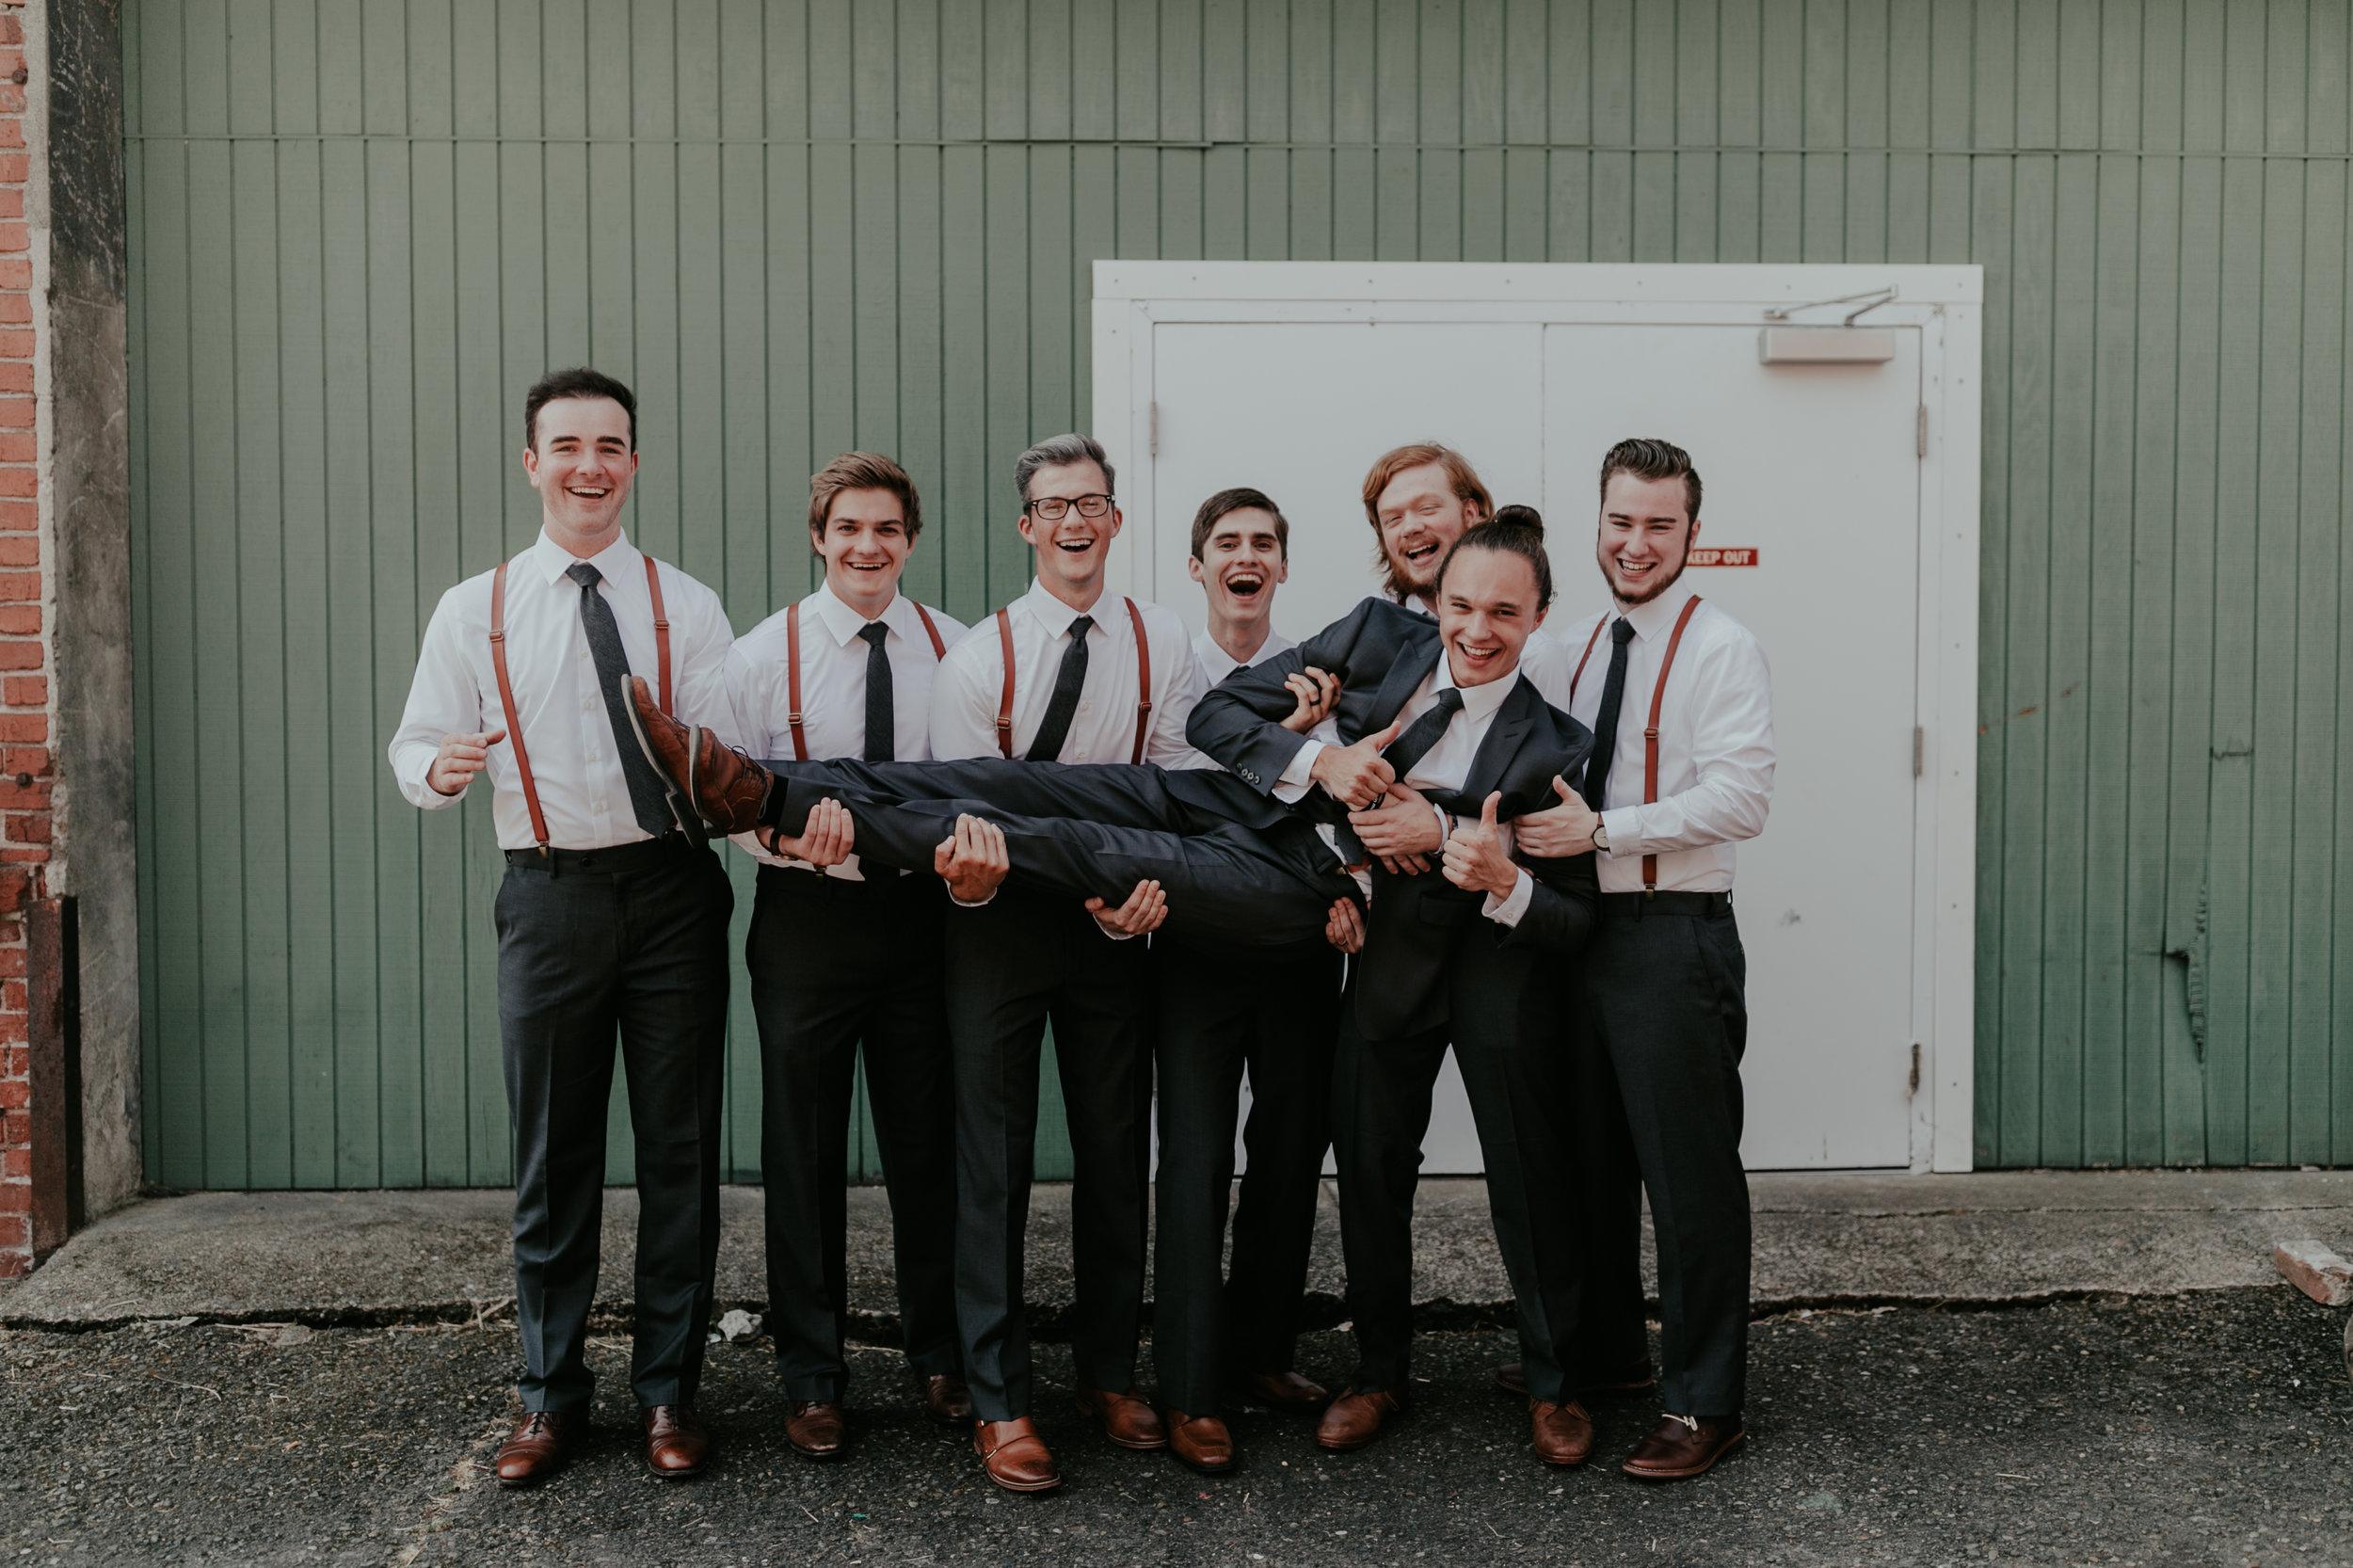 corrie_josiah_wedding-193.jpg